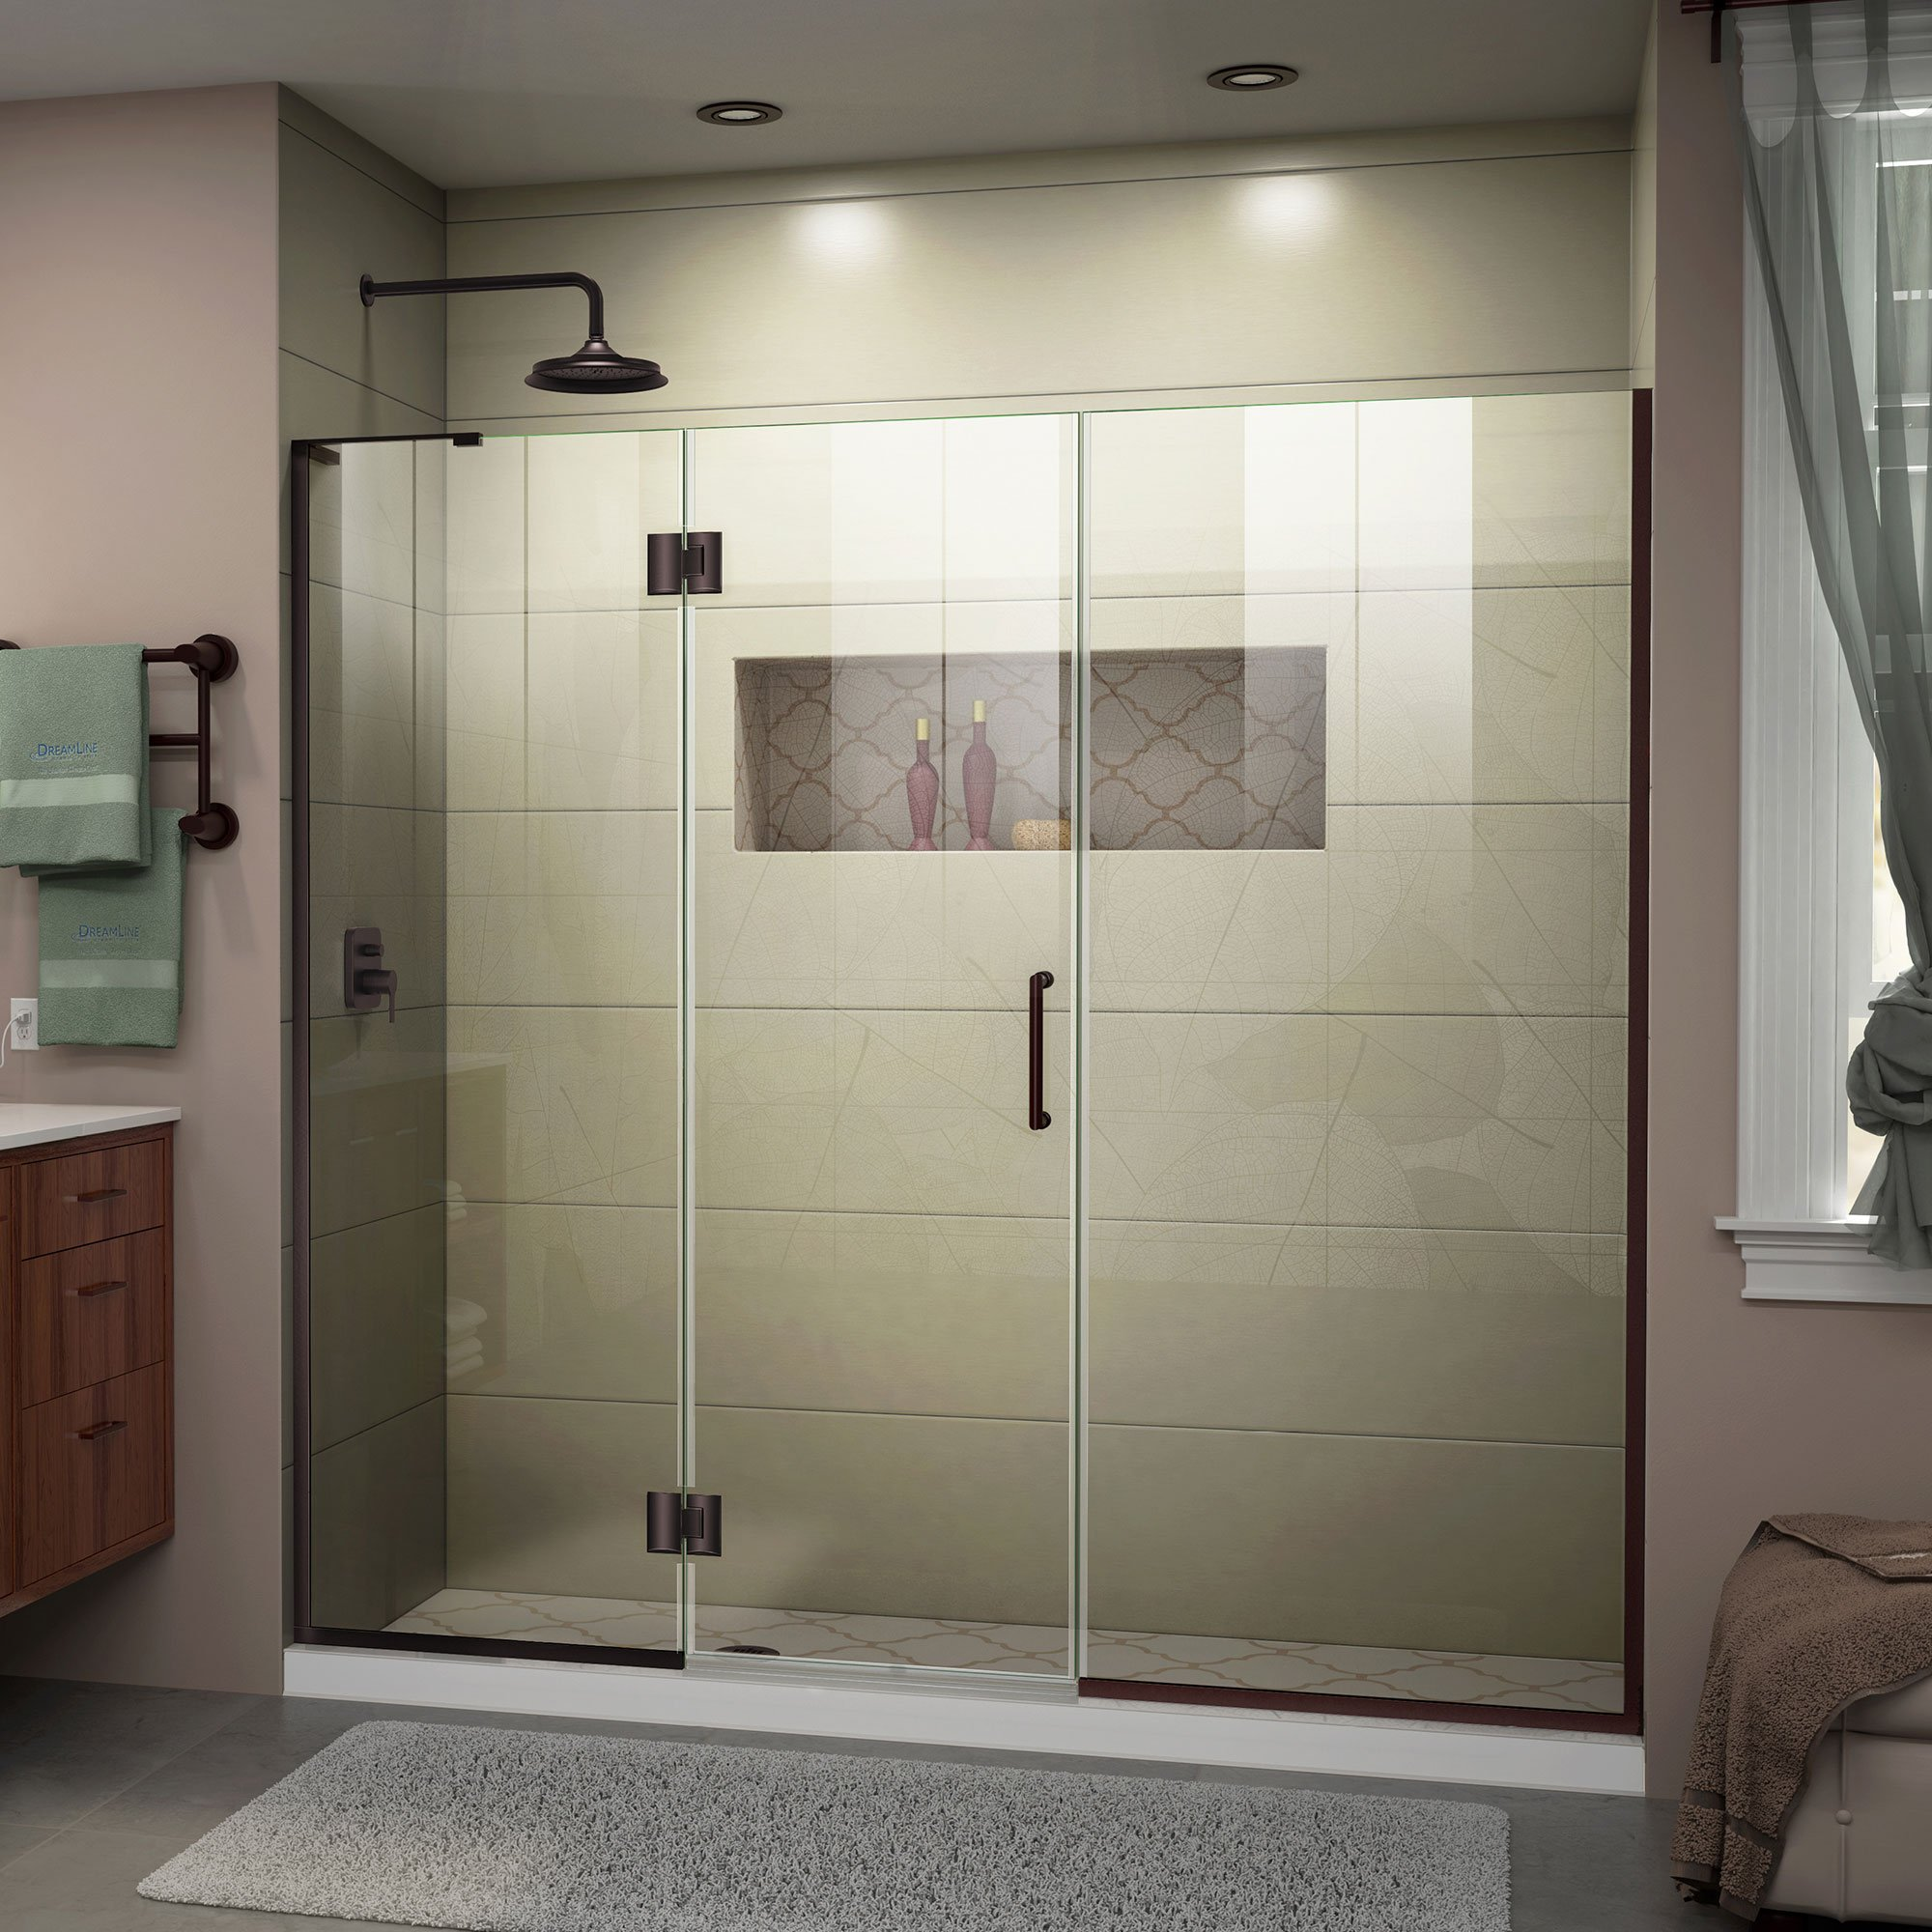 DreamLine unidoor-x con bisagras para mampara de ducha con soporte de left-wall: Amazon.es: Bricolaje y herramientas